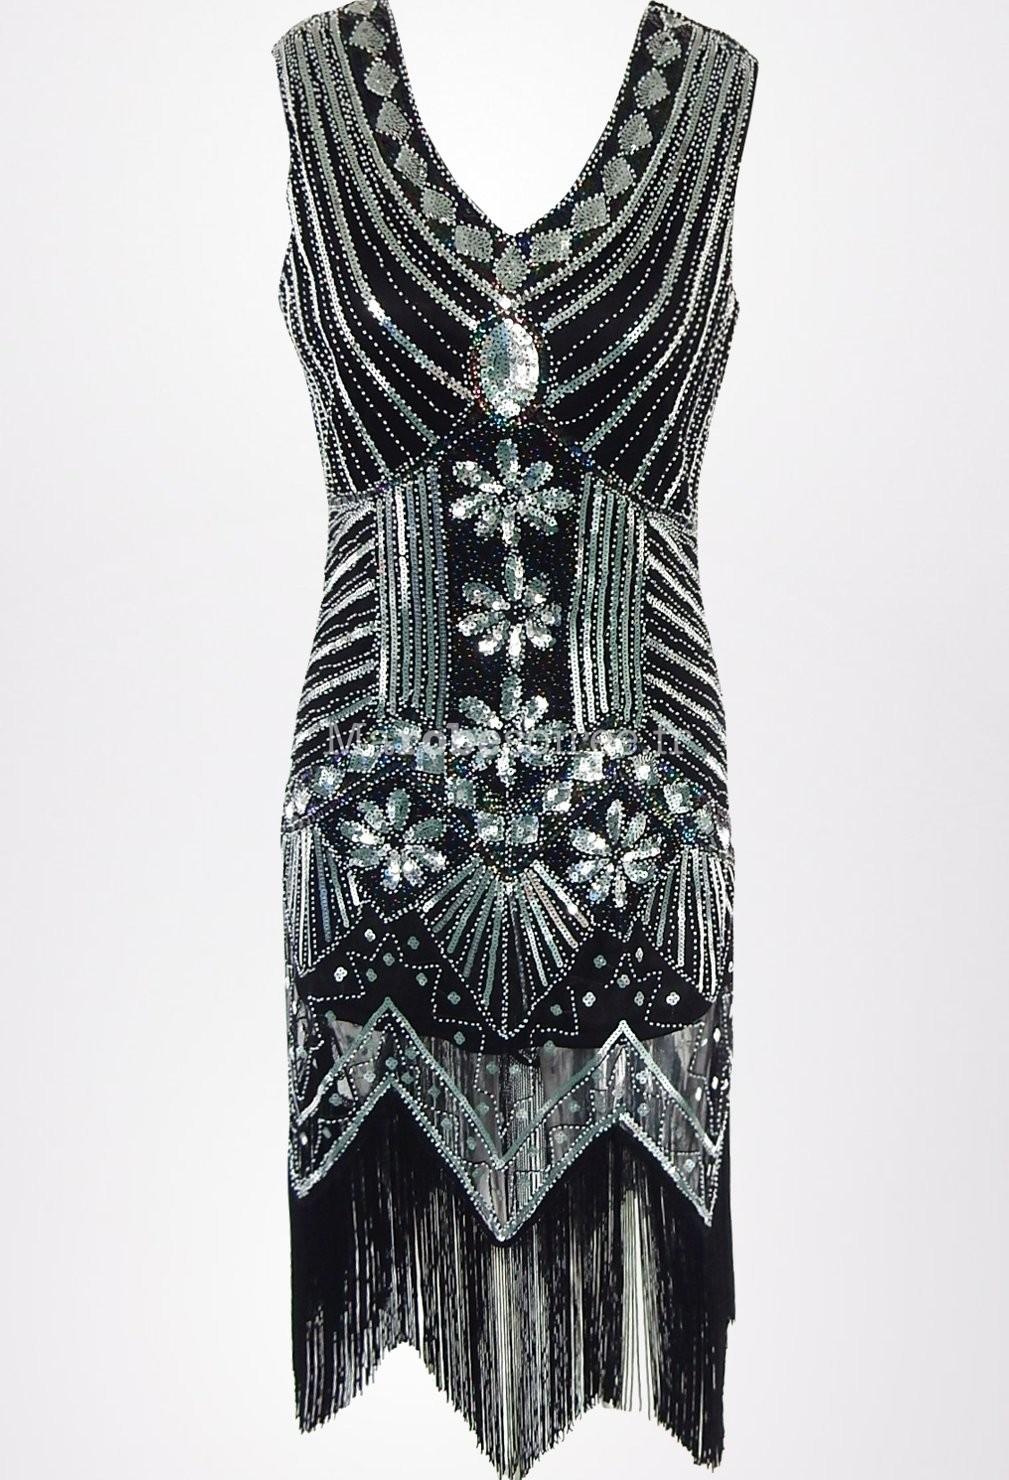 Robe Noire Charleston Vintage Gatsby